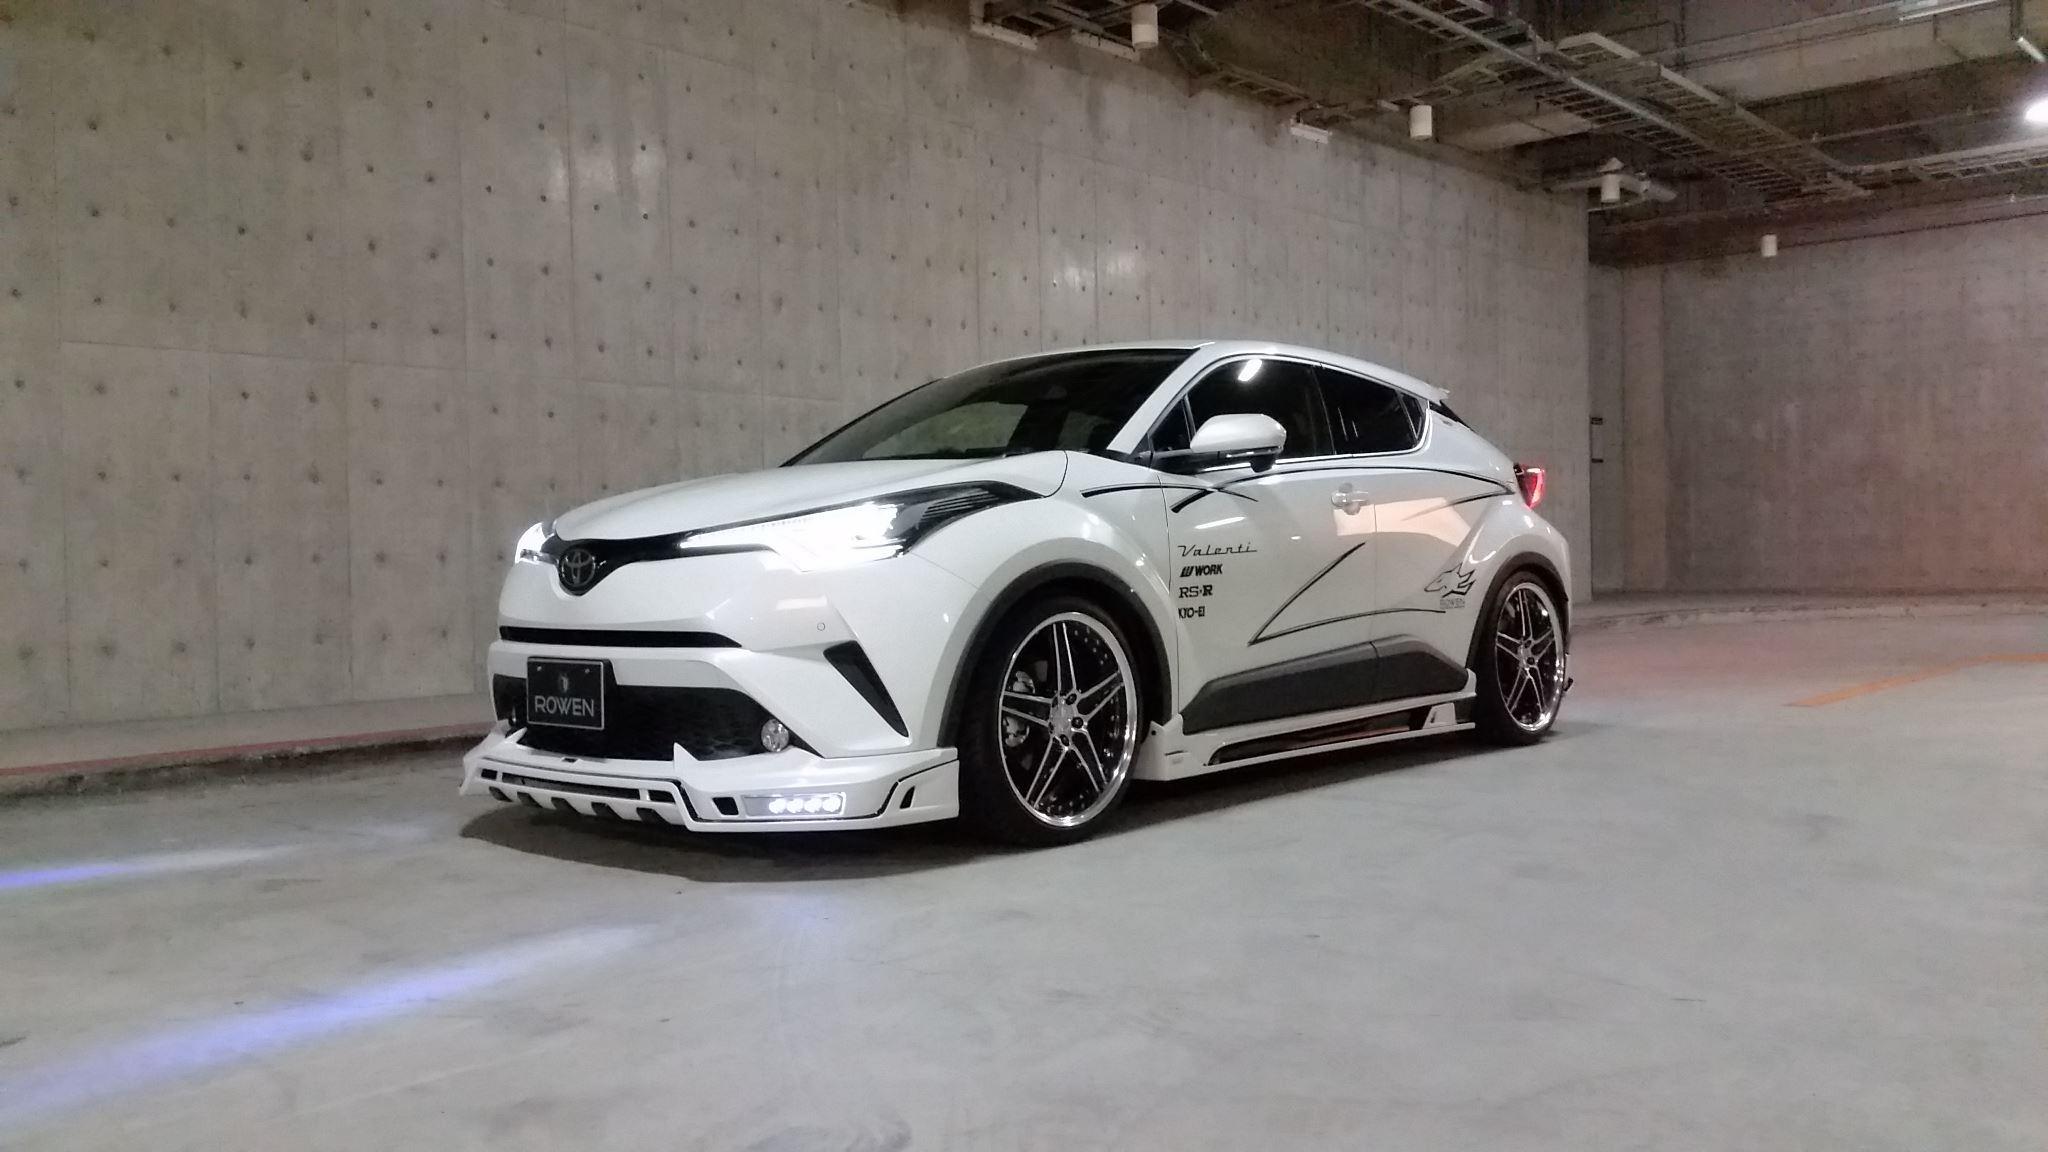 Toyota C-HR by Rowen (1)